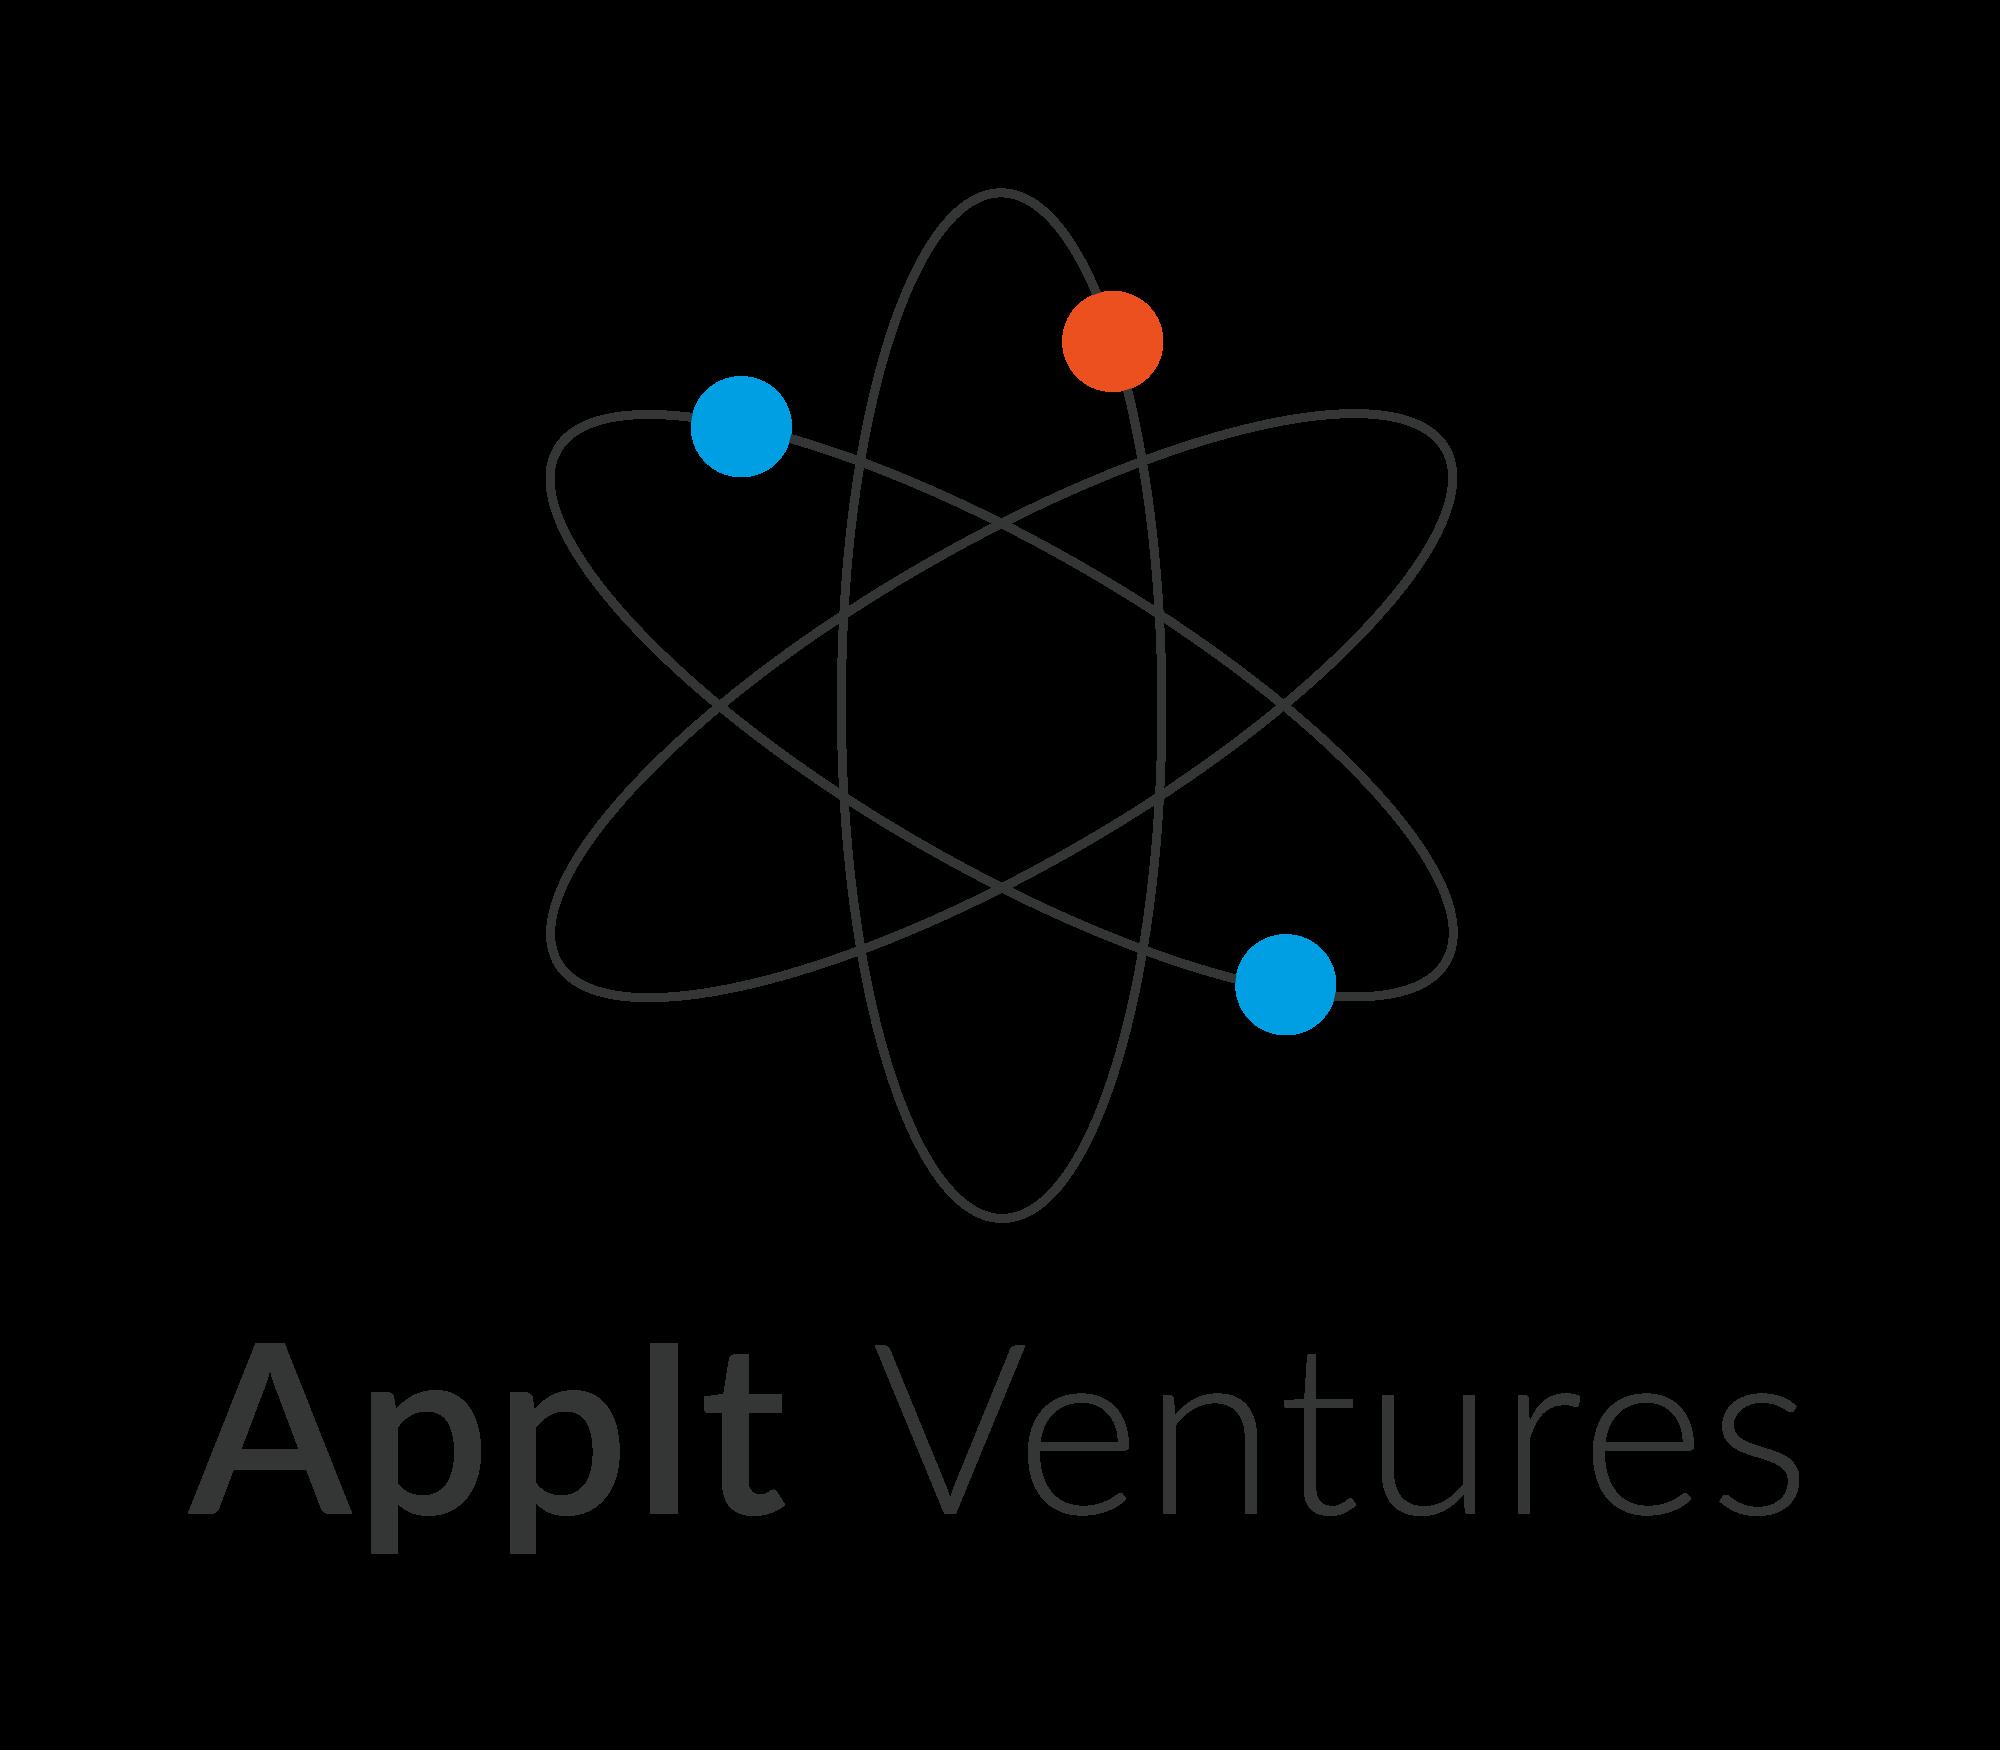 AppIt Ventures Logo